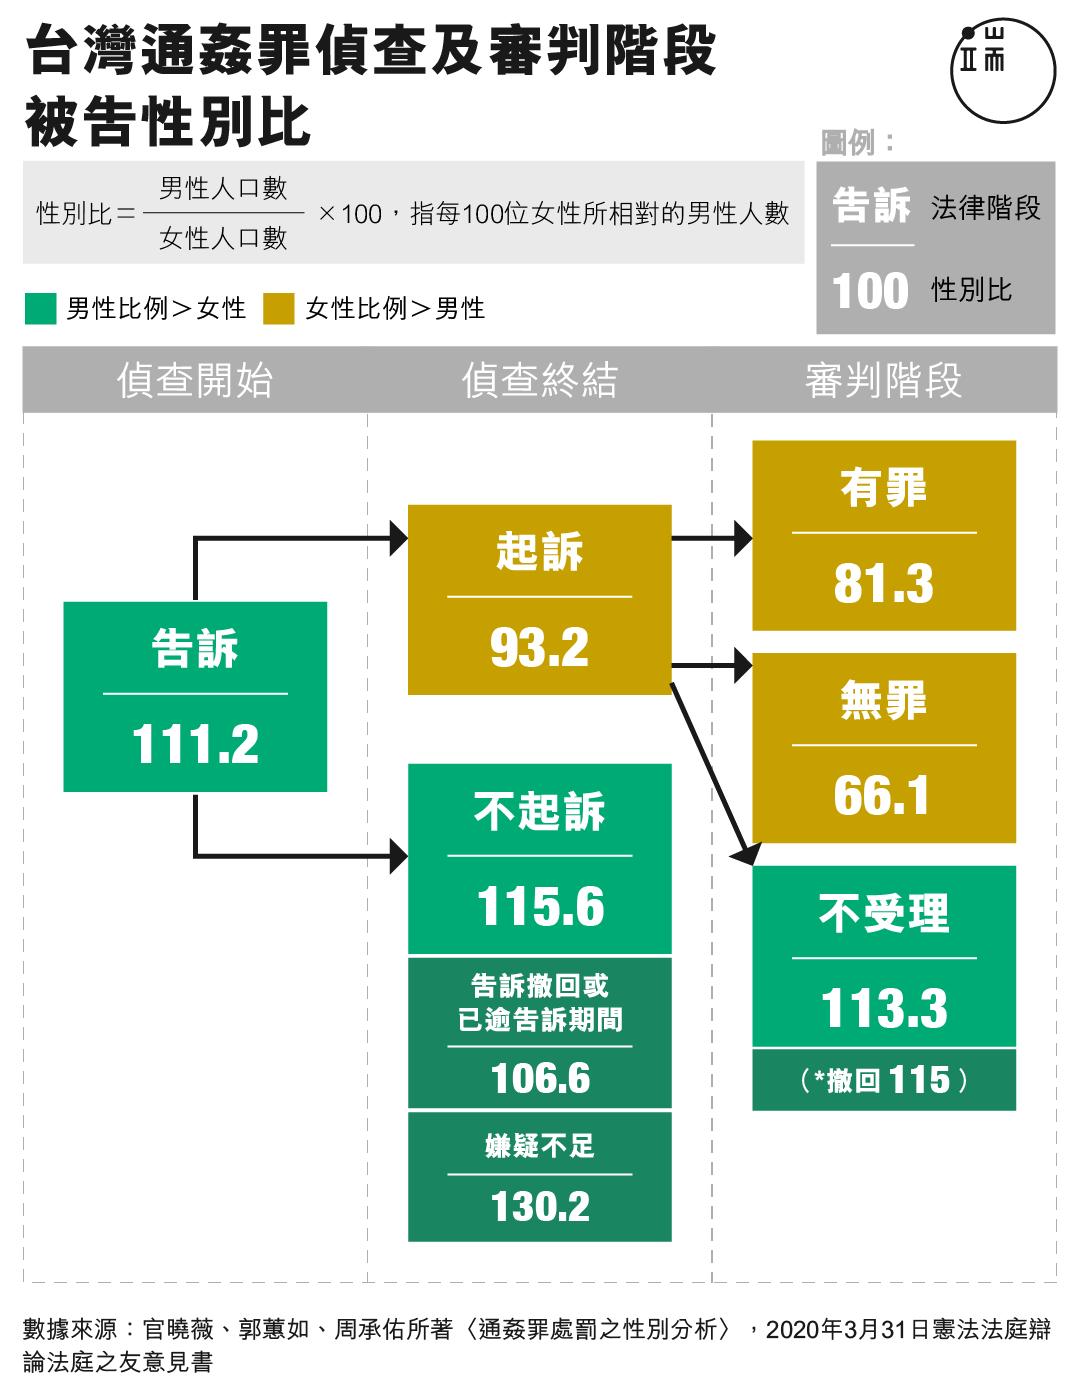 台灣通姦罪偵查及審判階段被告性別比。